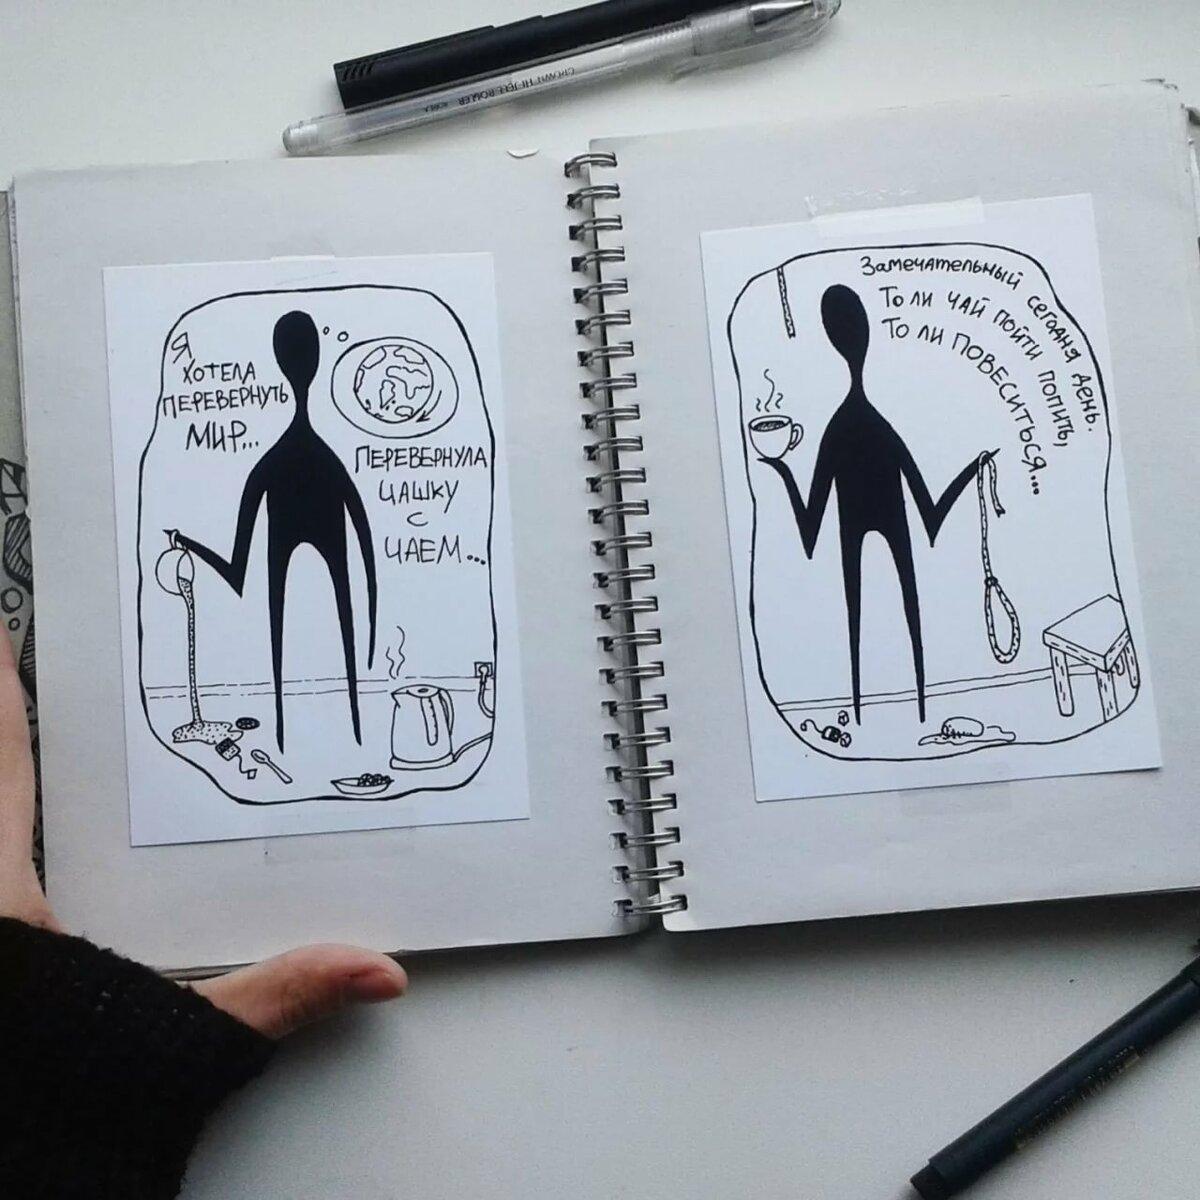 картинки идеи для скетчбука черной ручкой легко три фото